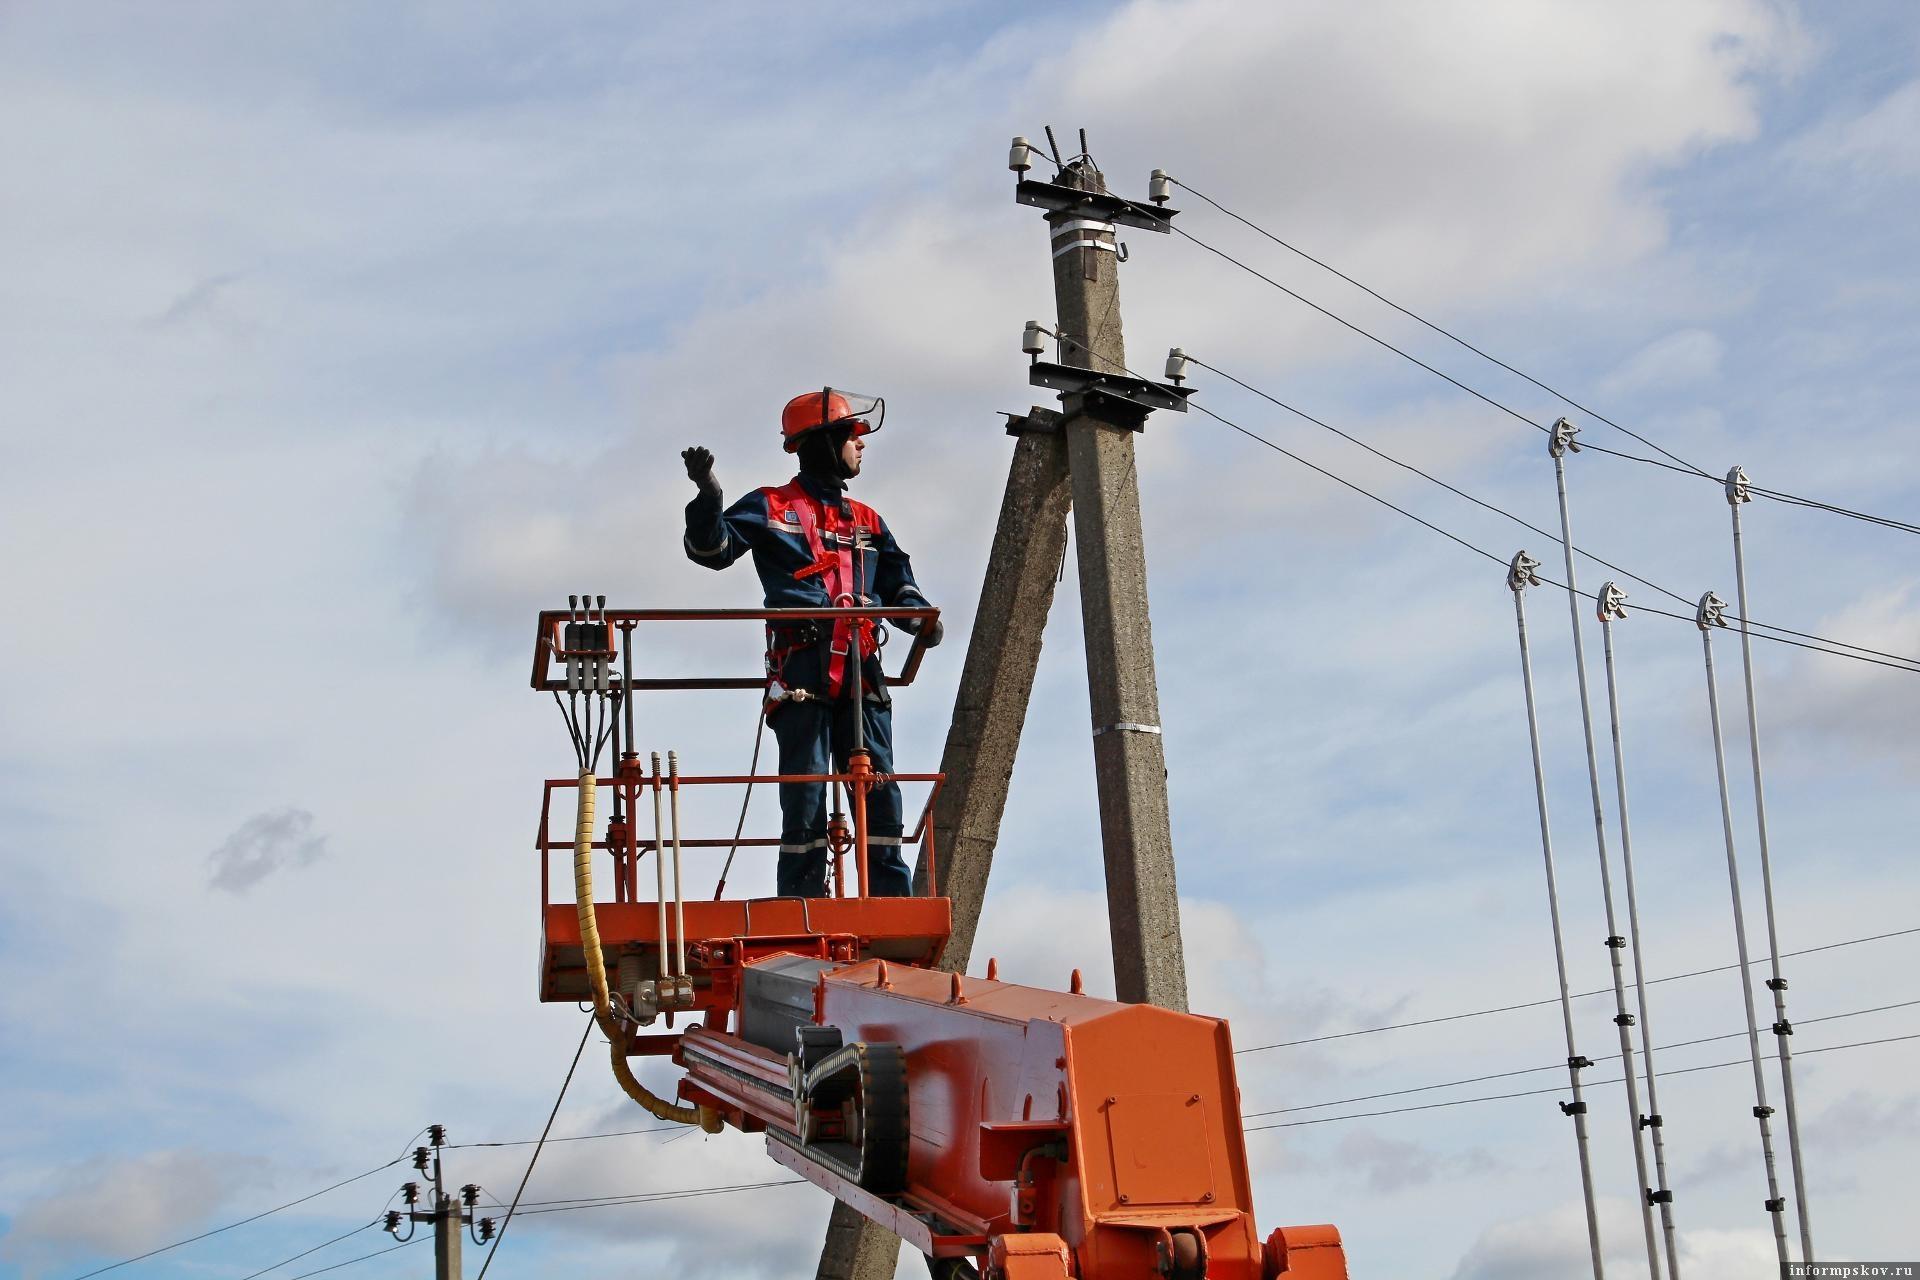 Циклон «Дэннис» не нанес серьезного ущерба электросетям в Псковской области. Фото: Псковский филиал компании «Россети Северо-Запад».